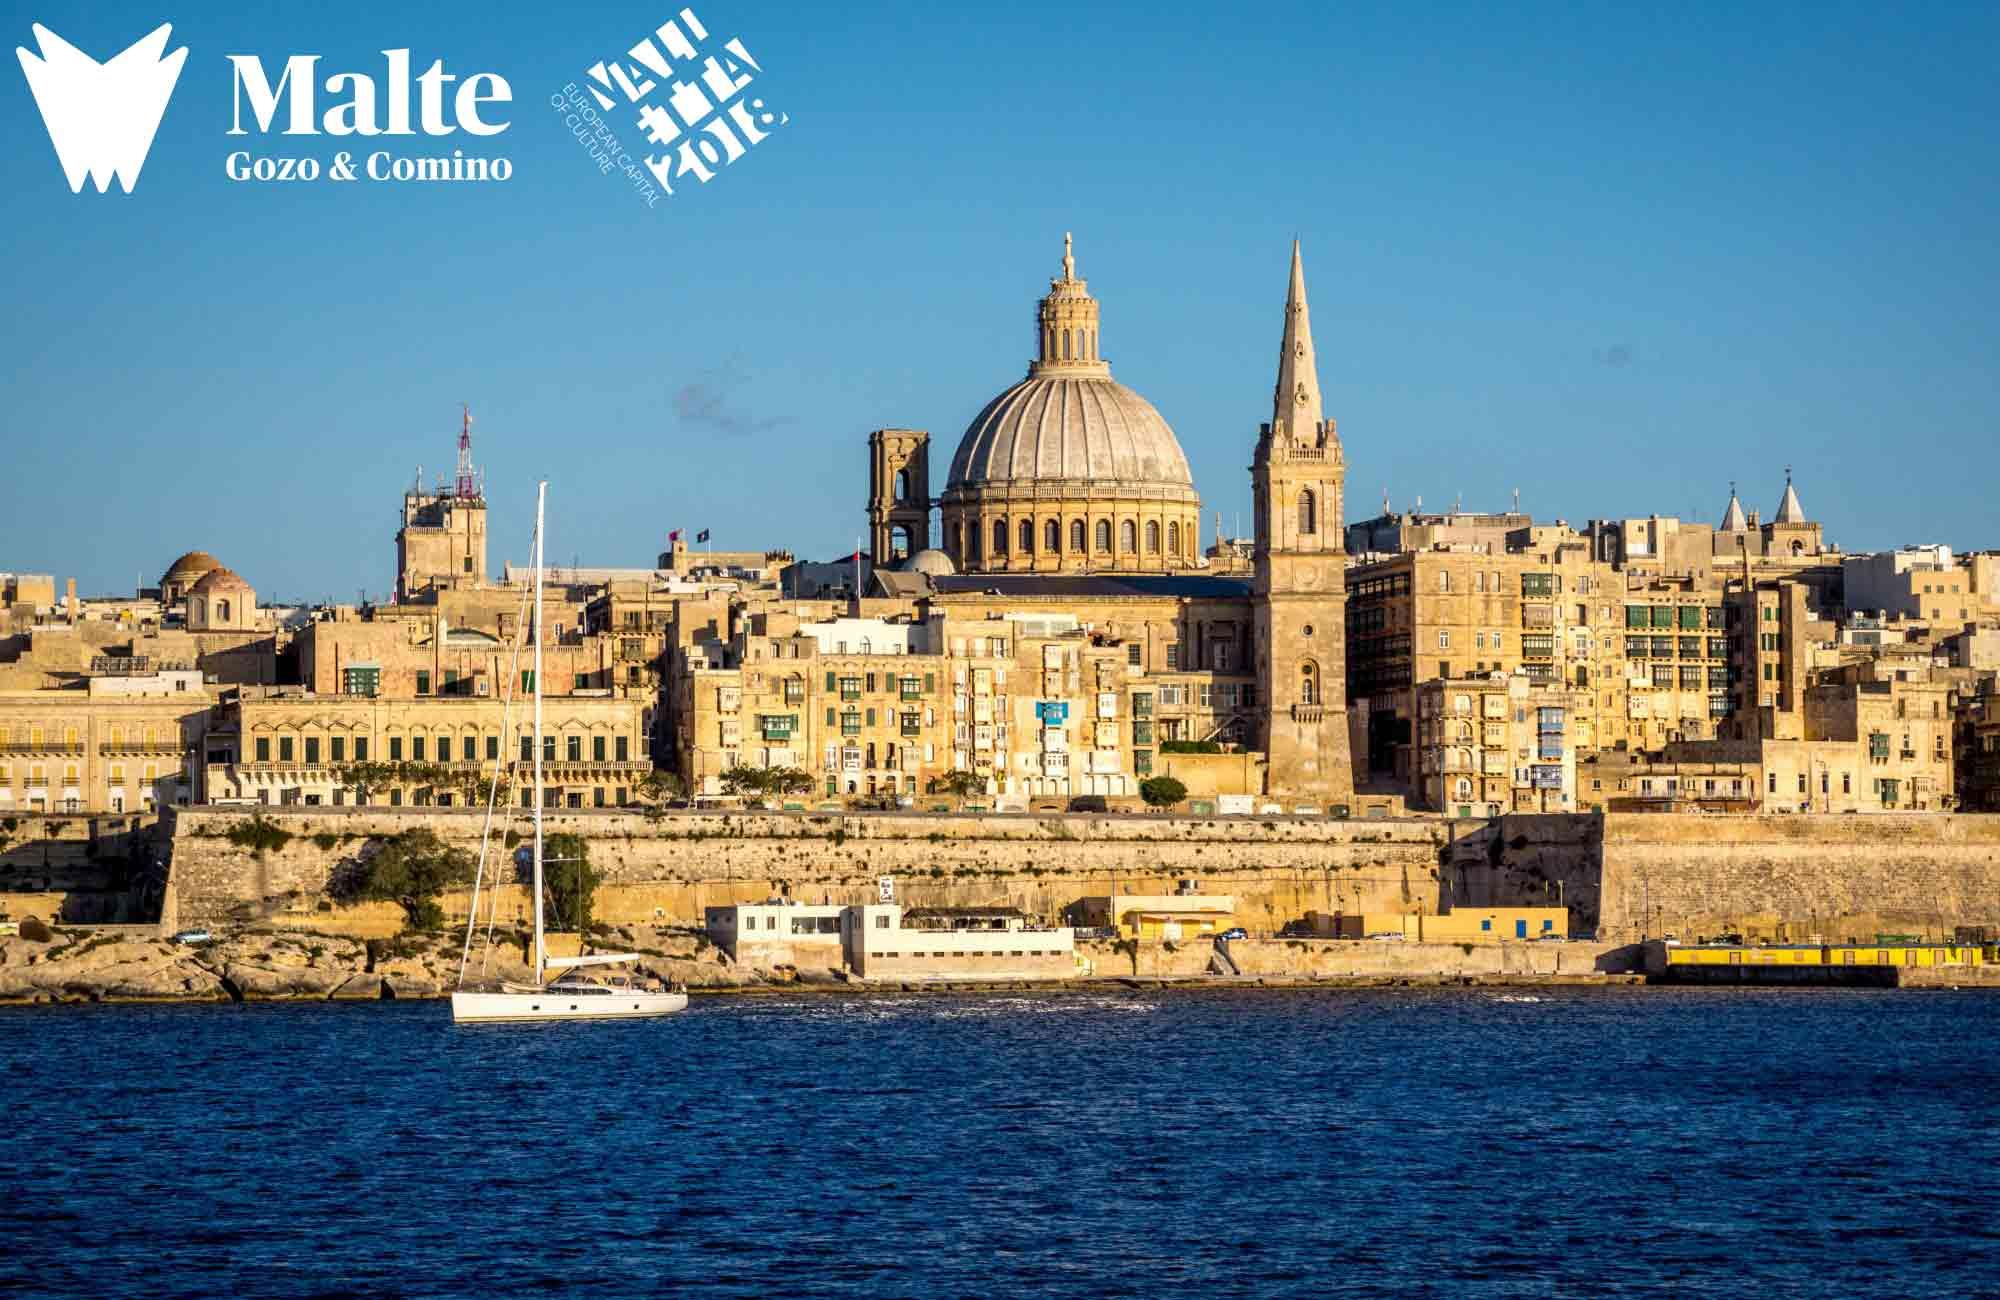 Voyage Malte - La Valette - Amplitudes